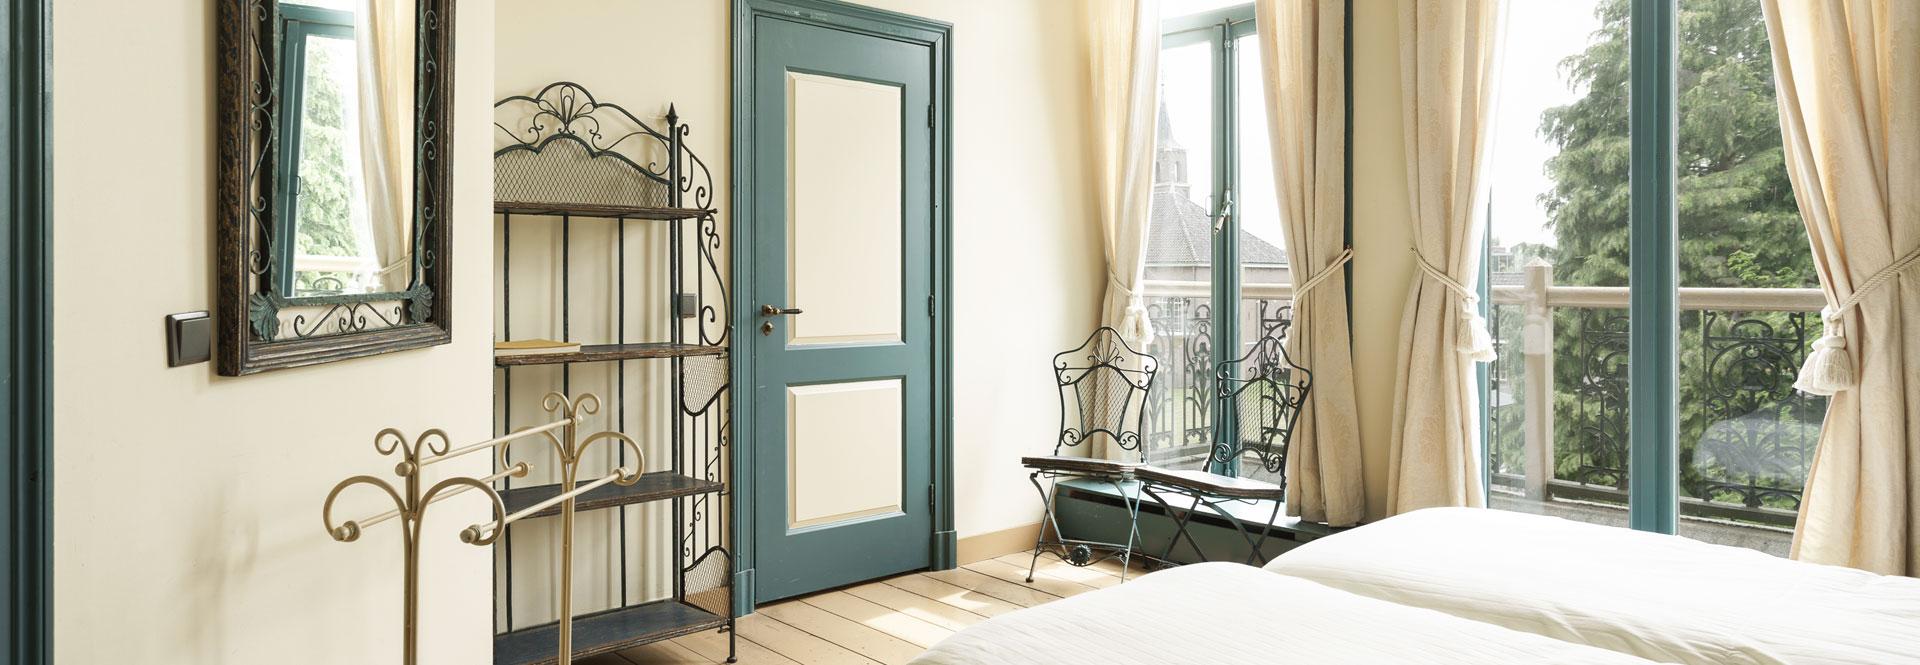 Slaapkamers en badkamers en suite in luxe vakantievilla for Aparte wastafels